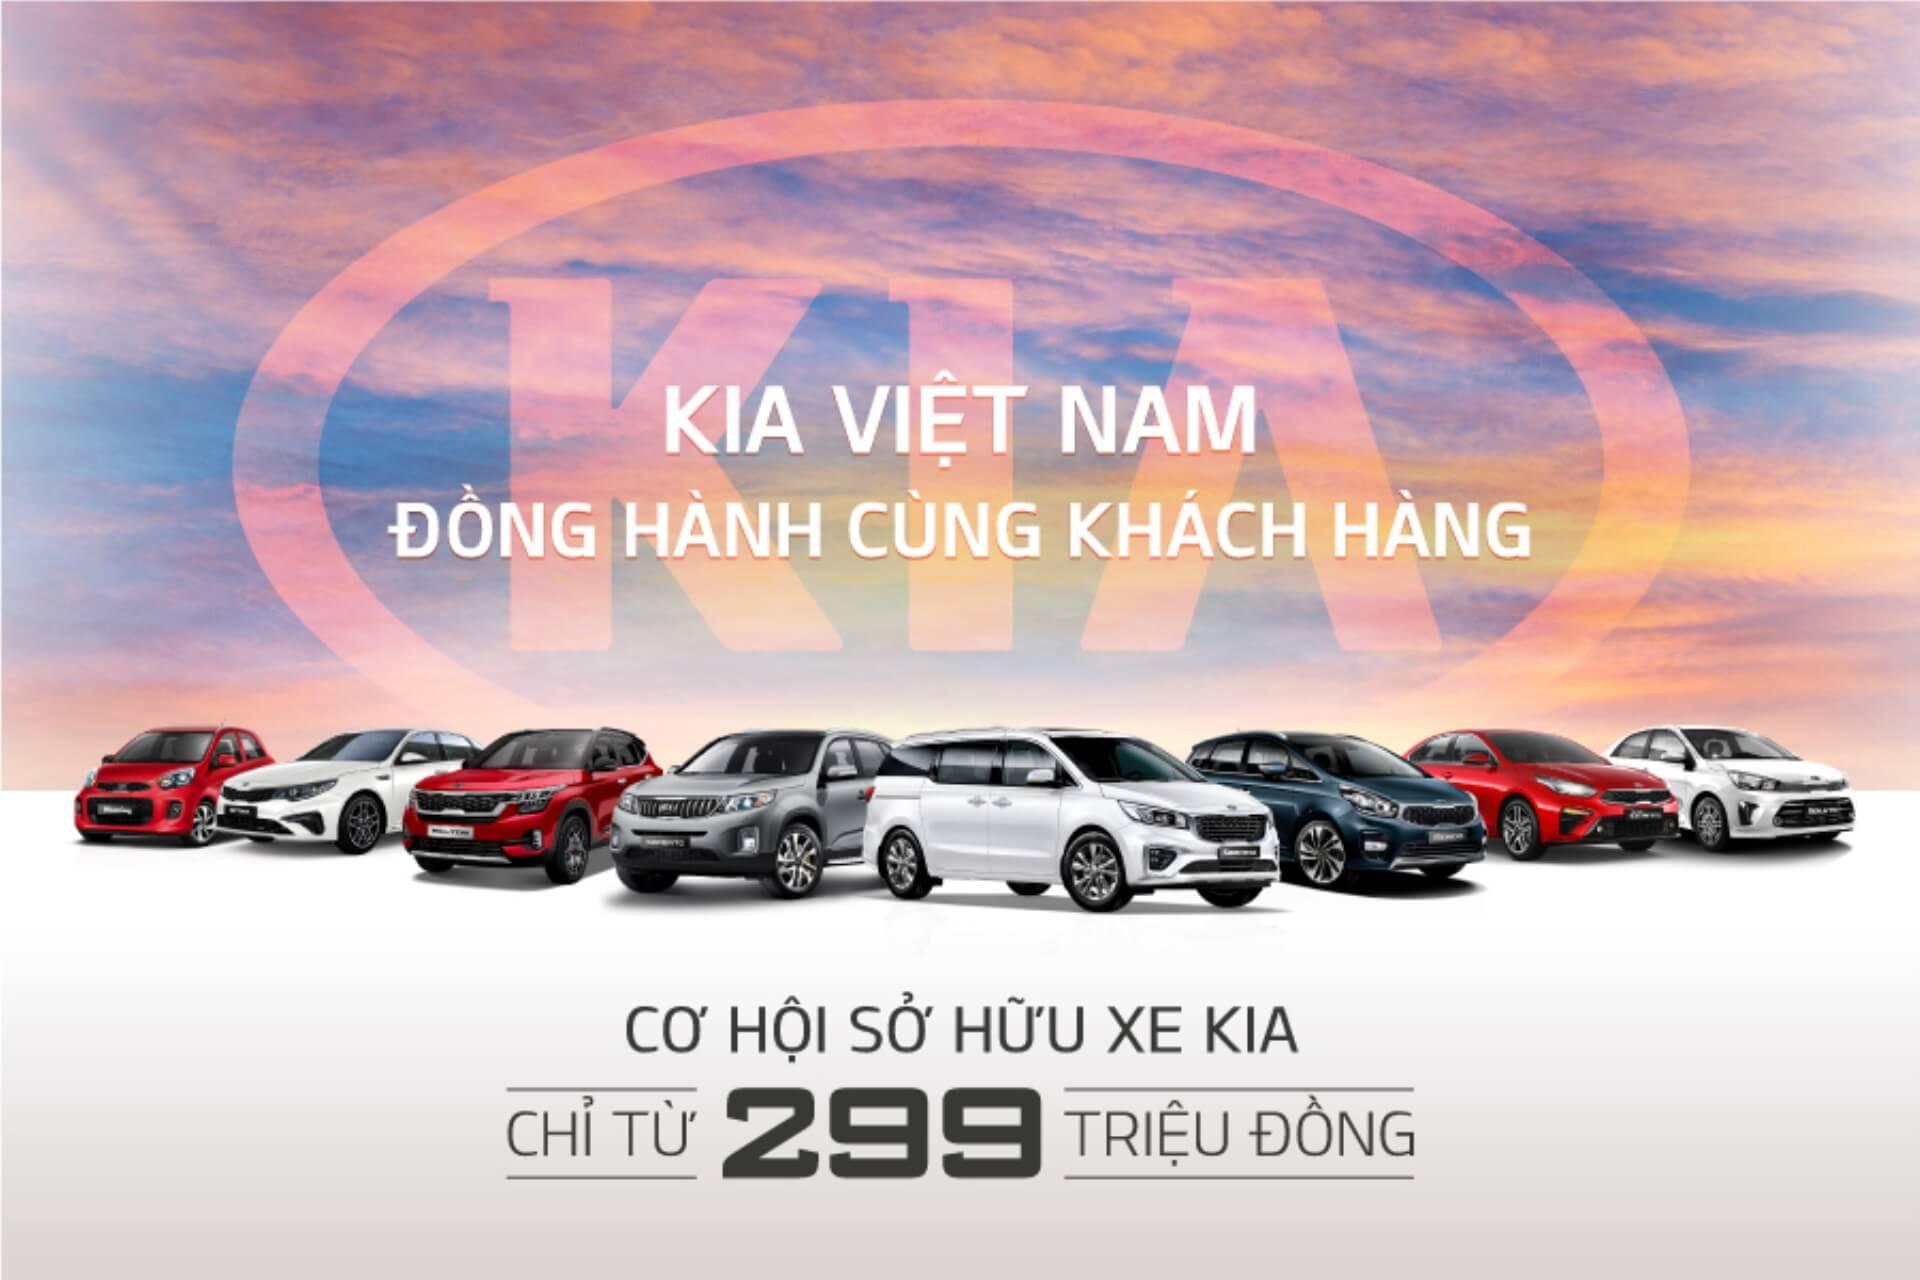 Kia Đồng Hành Cùng Khách Hàng, Thêm Quà Tặng Với Giá Bán Chỉ Từ 299 Triệu Đồng Trong Tháng 8